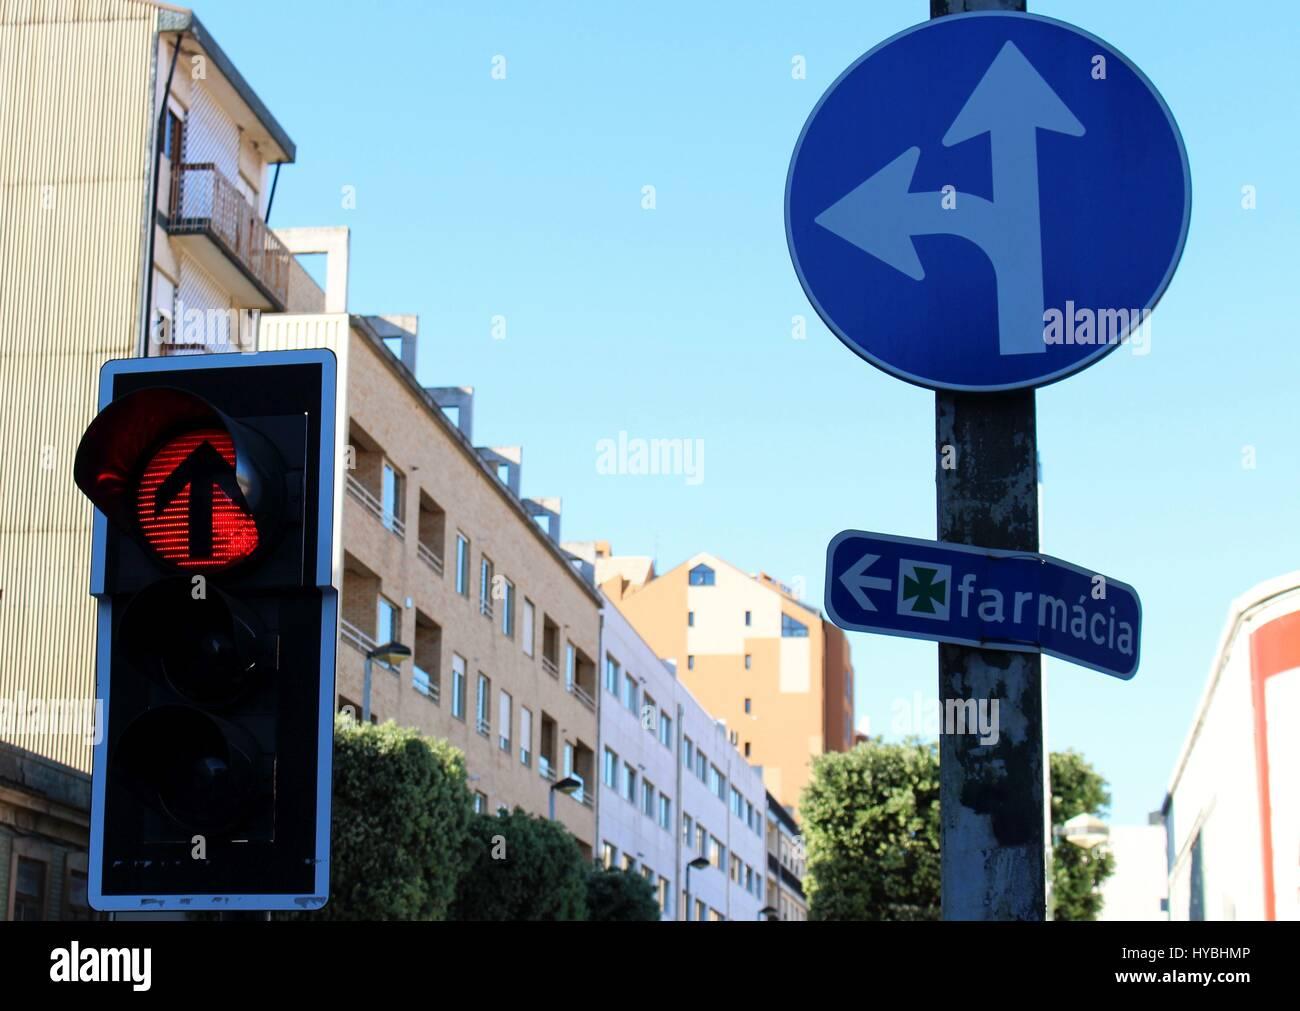 Different road signs at Brito Capelo street in the centre of Matosinhos city, Porto, Portugal. - Stock Image